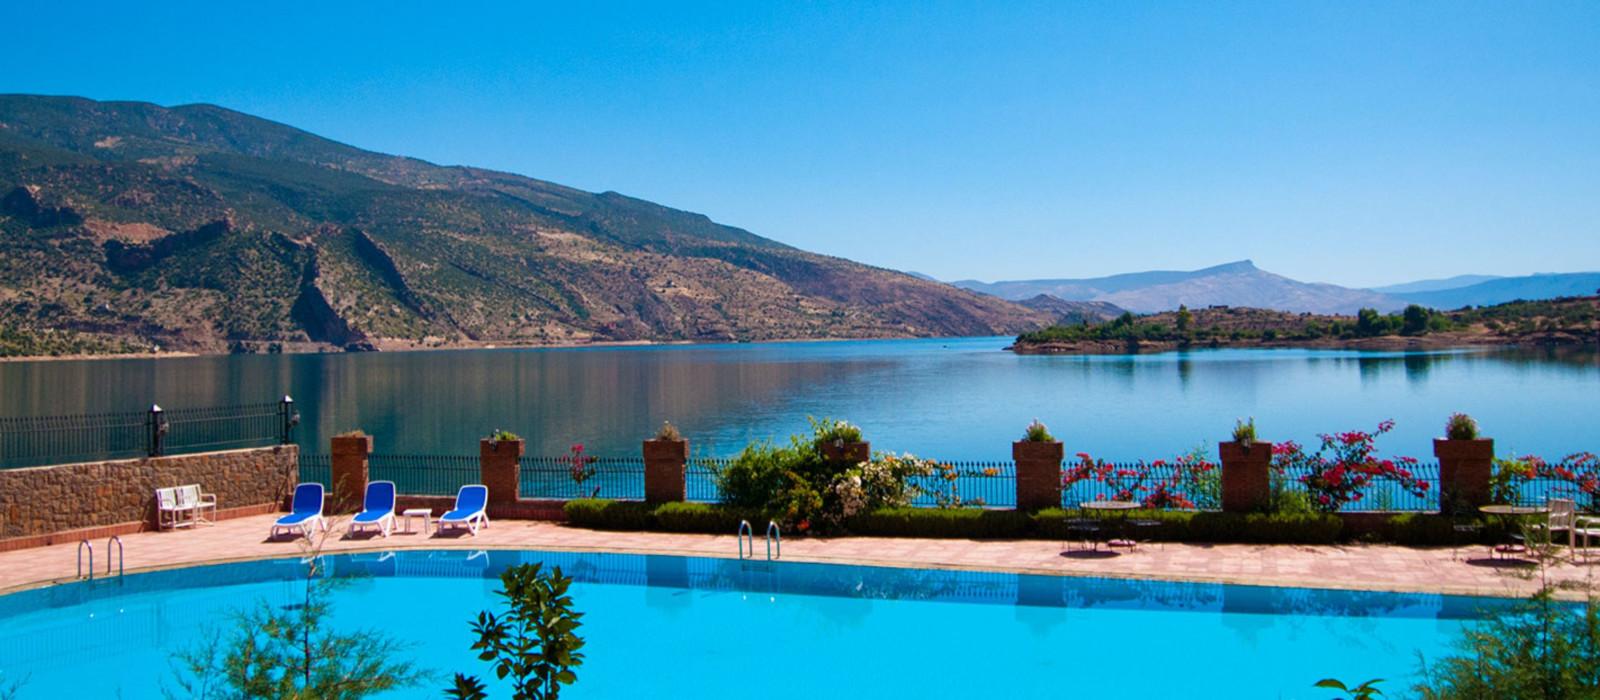 Hotel Chems du Lac Bin El Ouidane Morocco